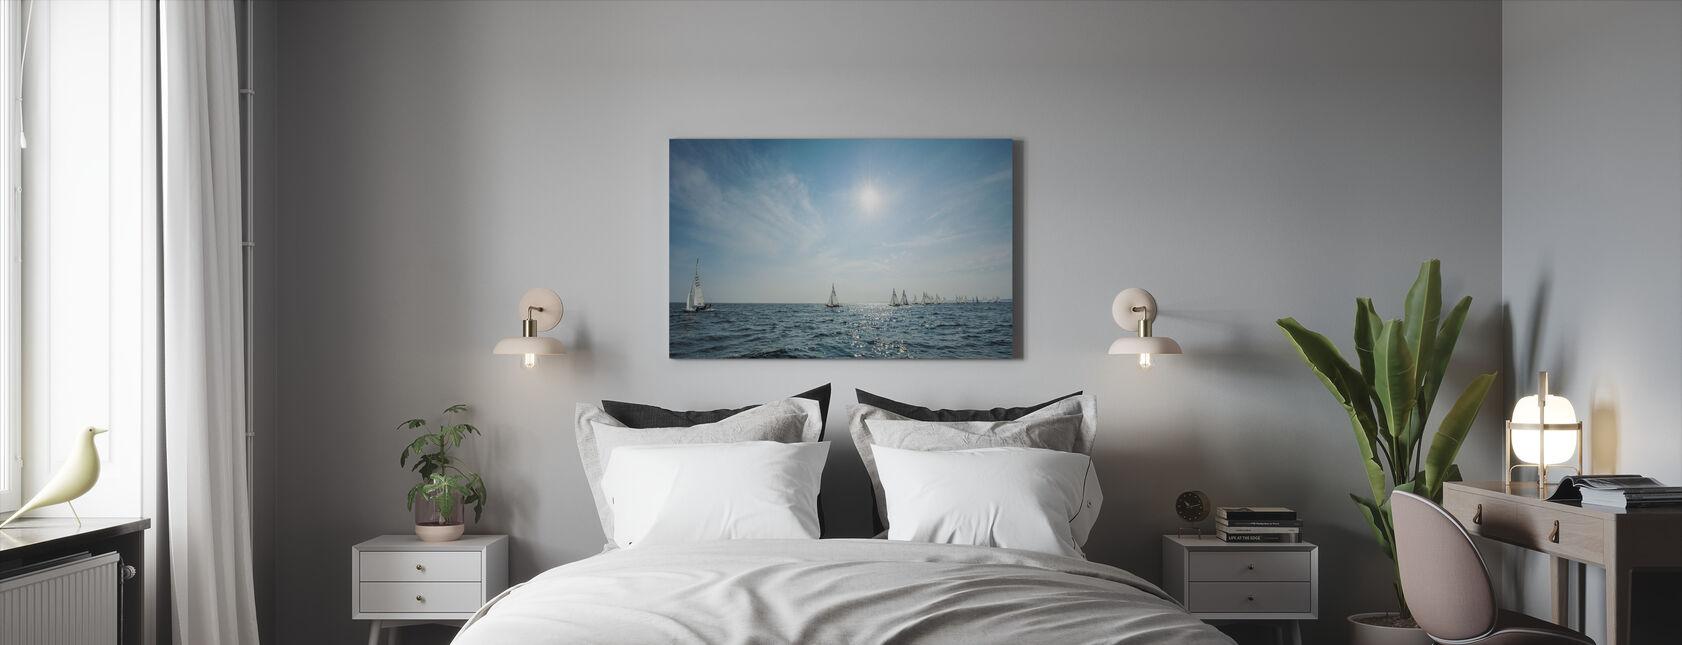 Het Archipleago van Nynashamn, Zweden - Canvas print - Slaapkamer